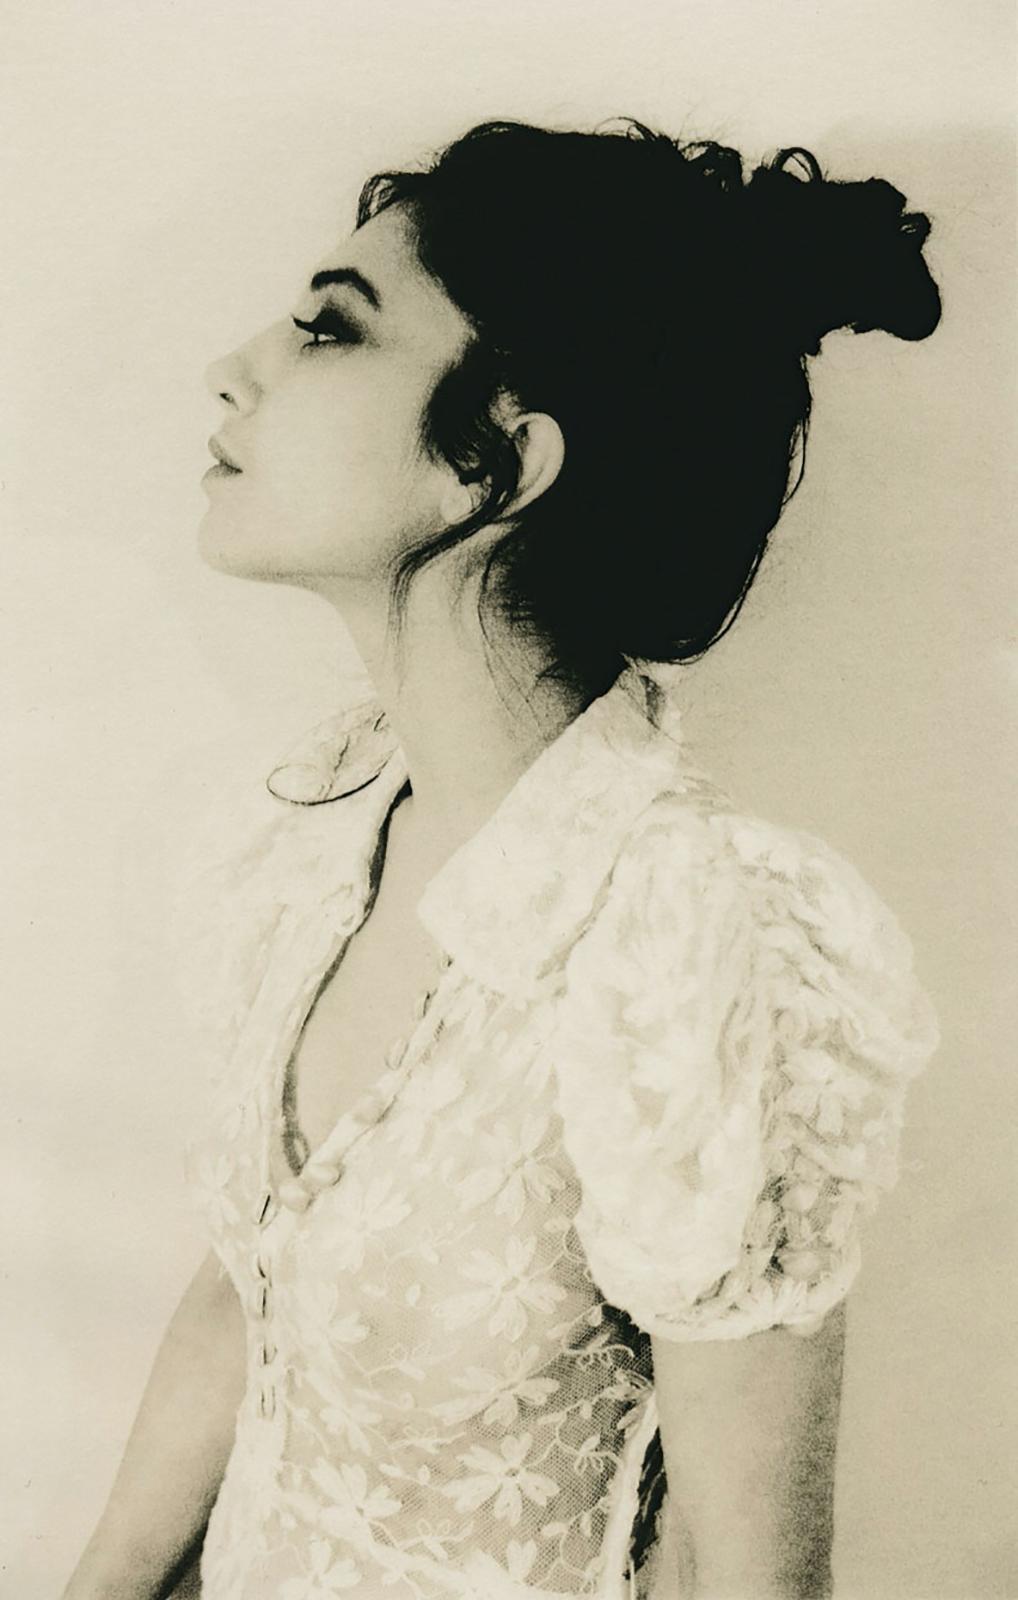 Ursula in Profile